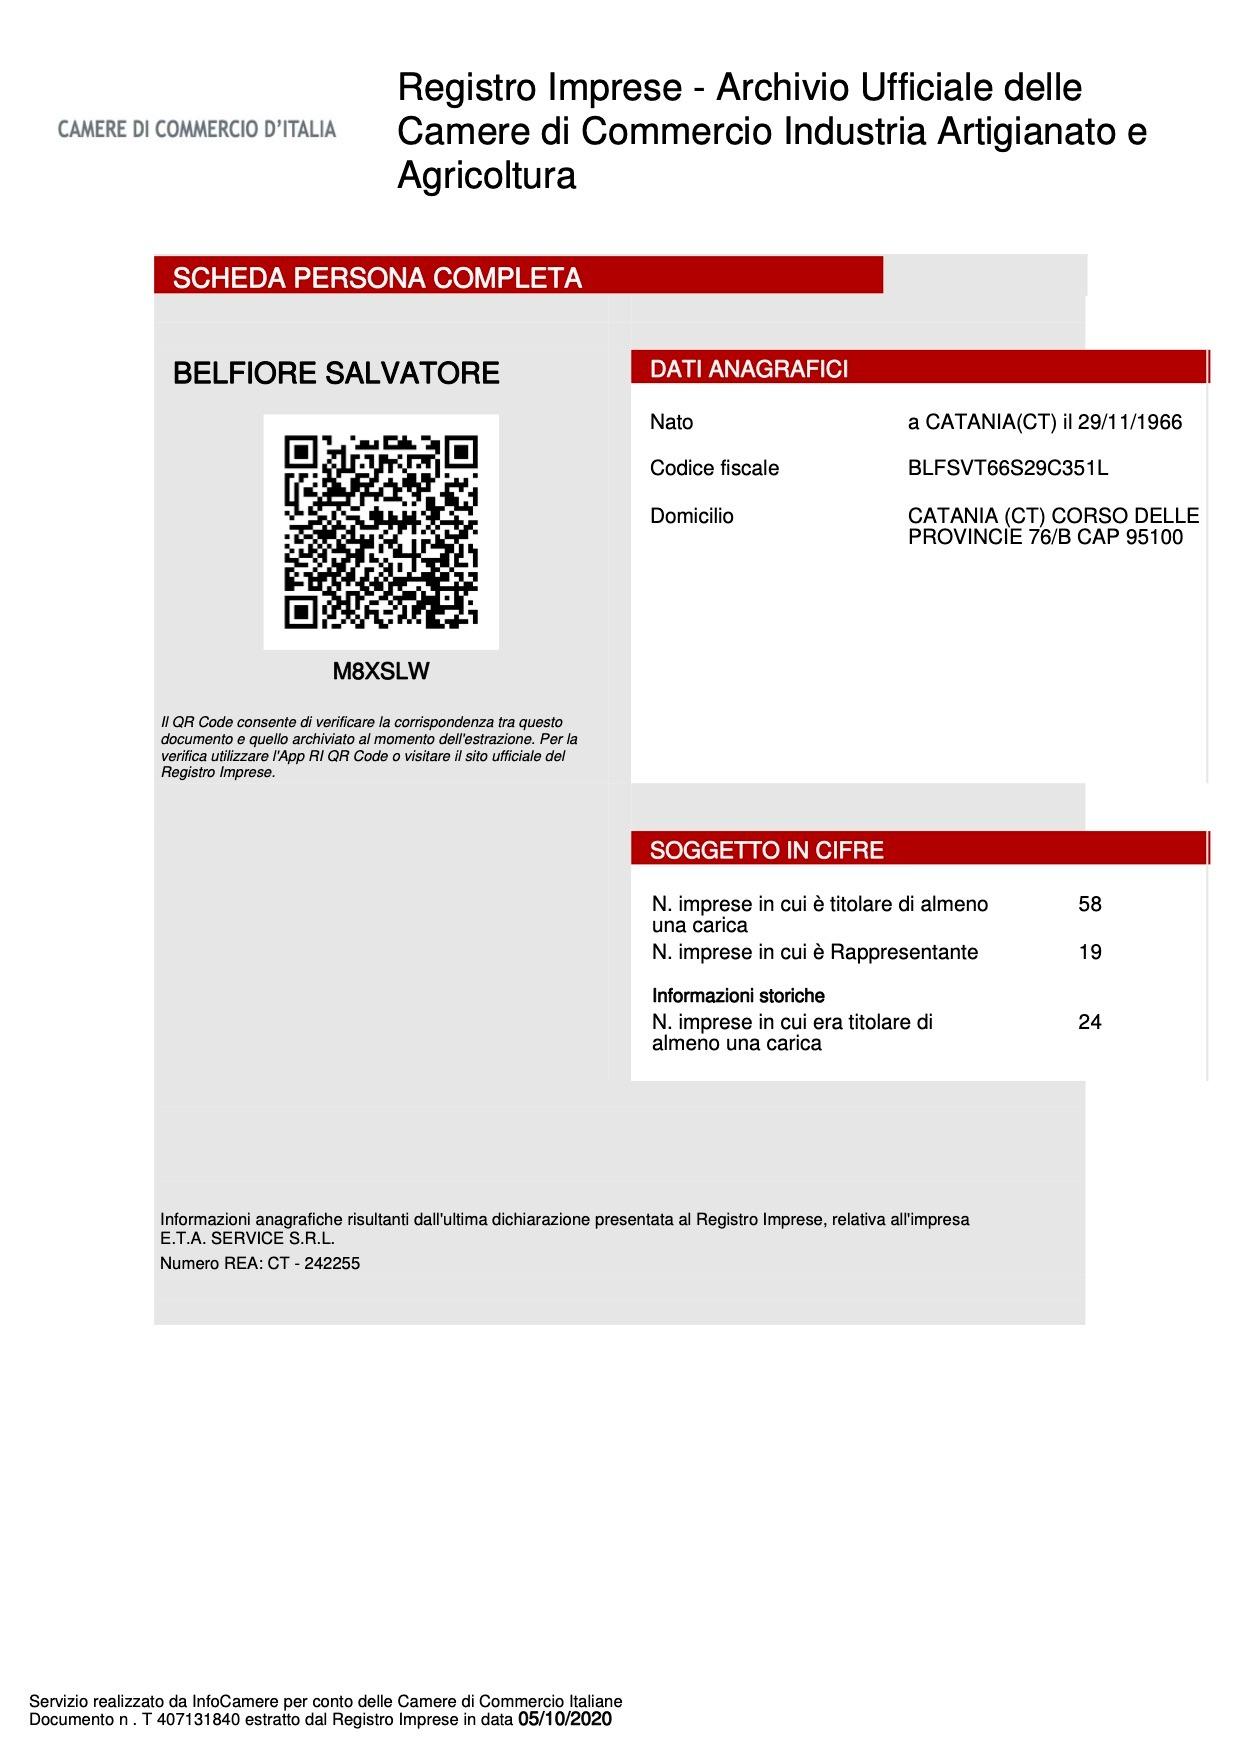 belfioresalvatore1-1603402388.jpg